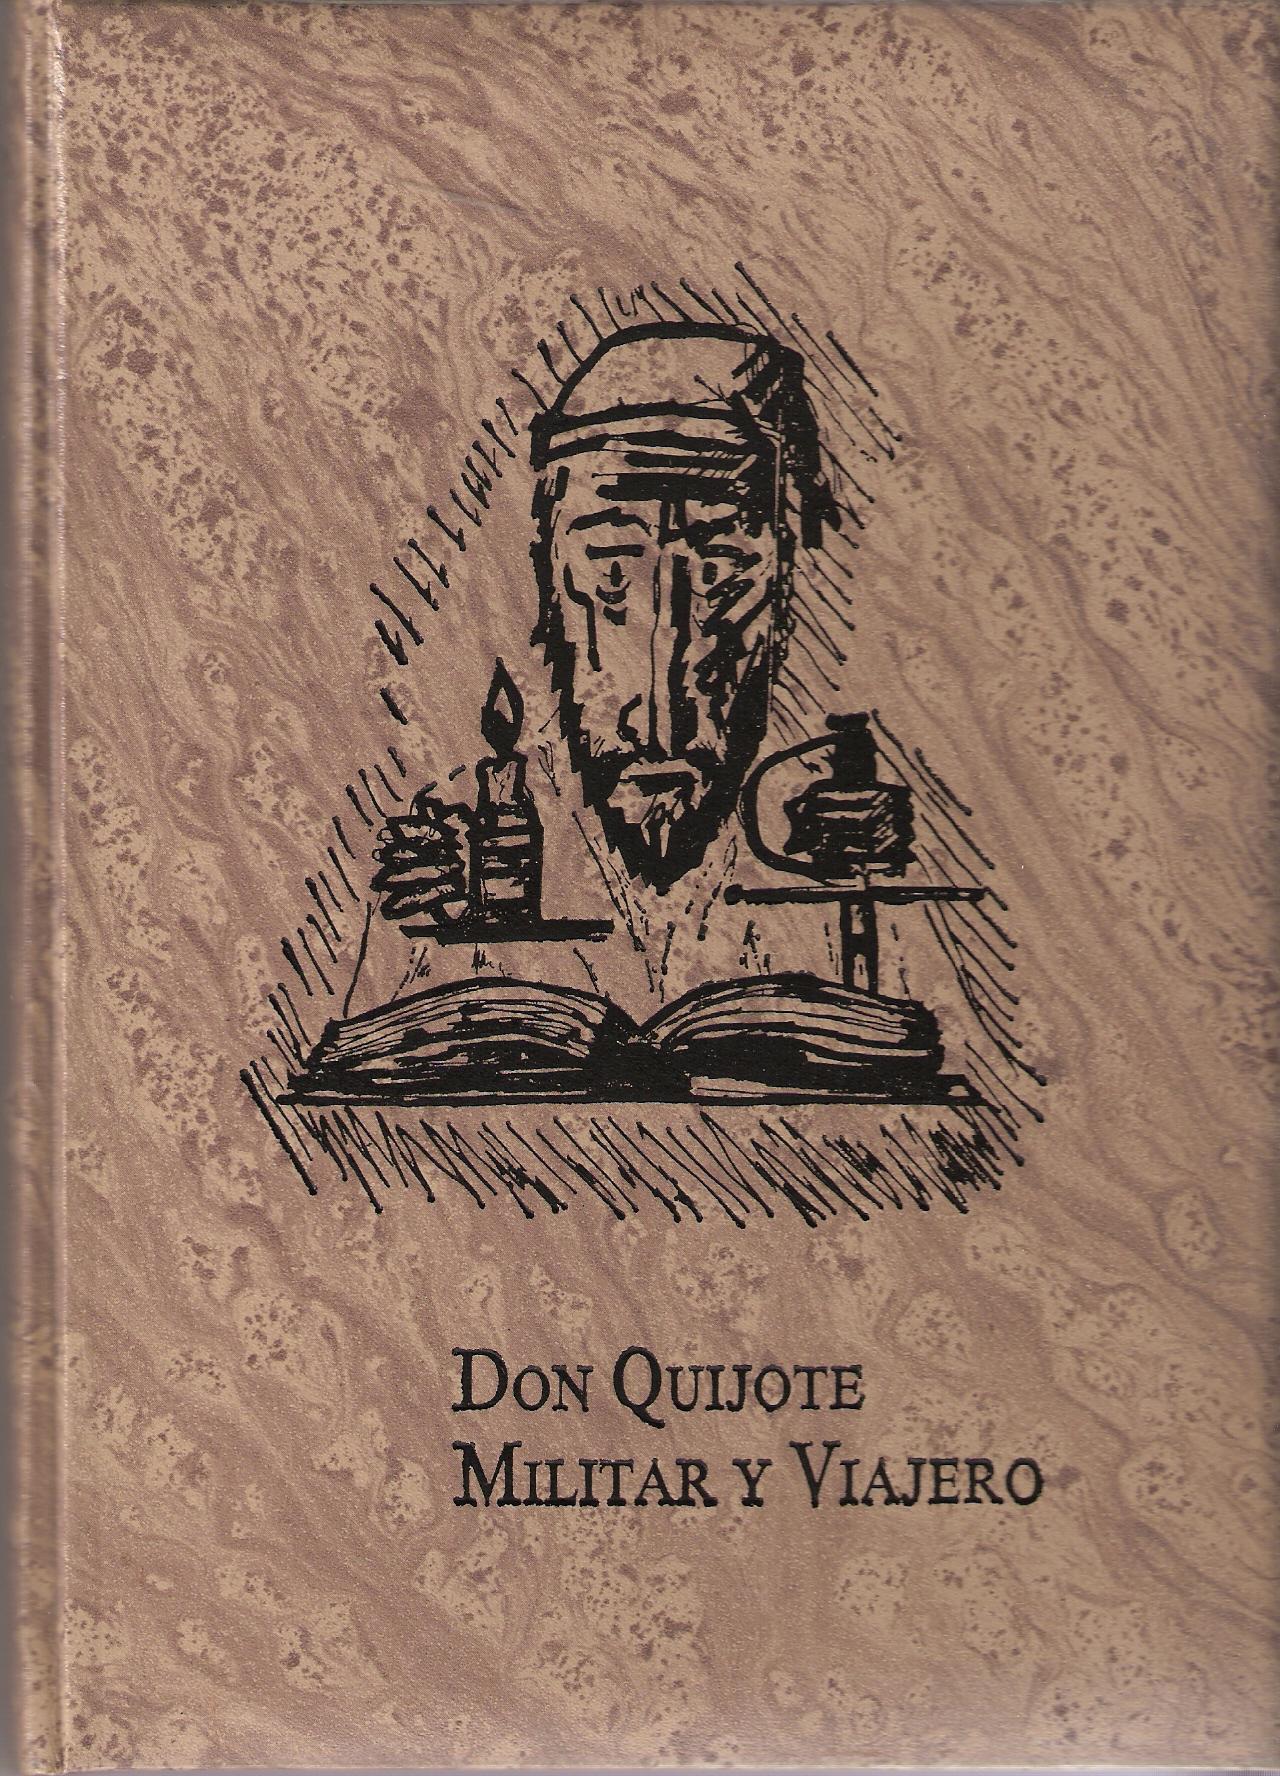 Don Quijote militar y viajero